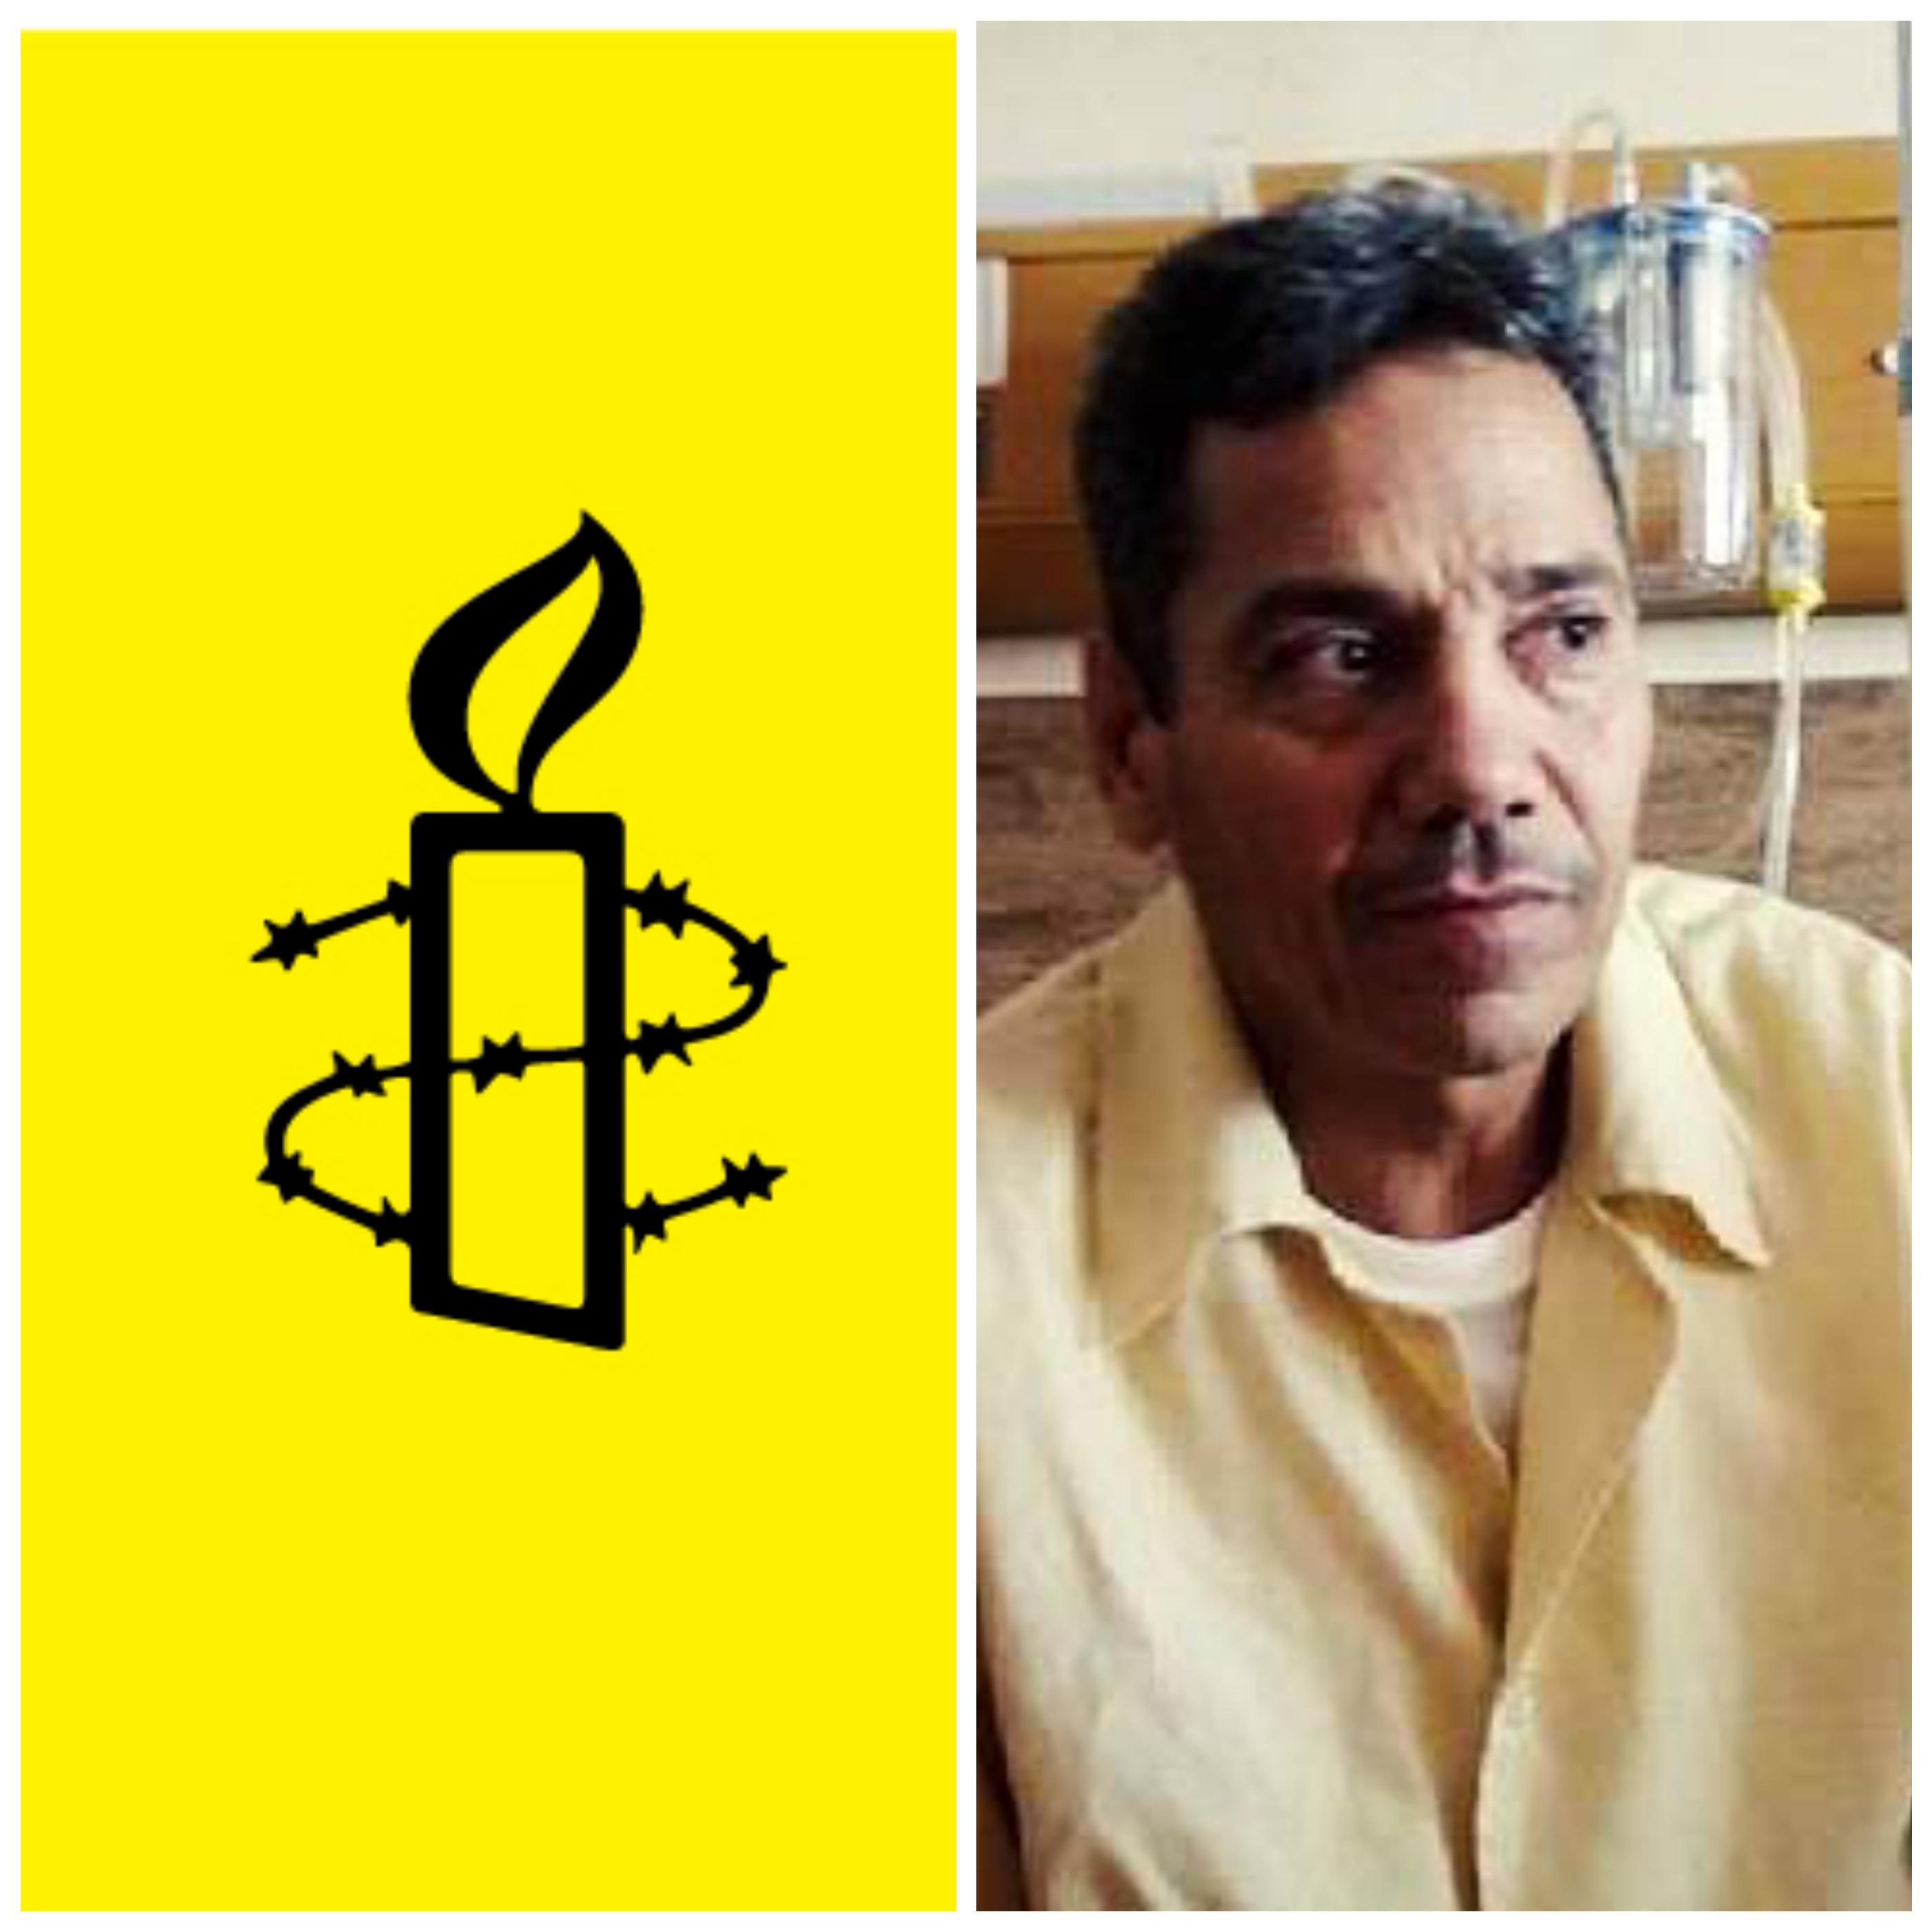 ابراز نگرانی عفو بین الملل در خصوص وضعیت عبدالفتاح سلطانی در زندان اوین